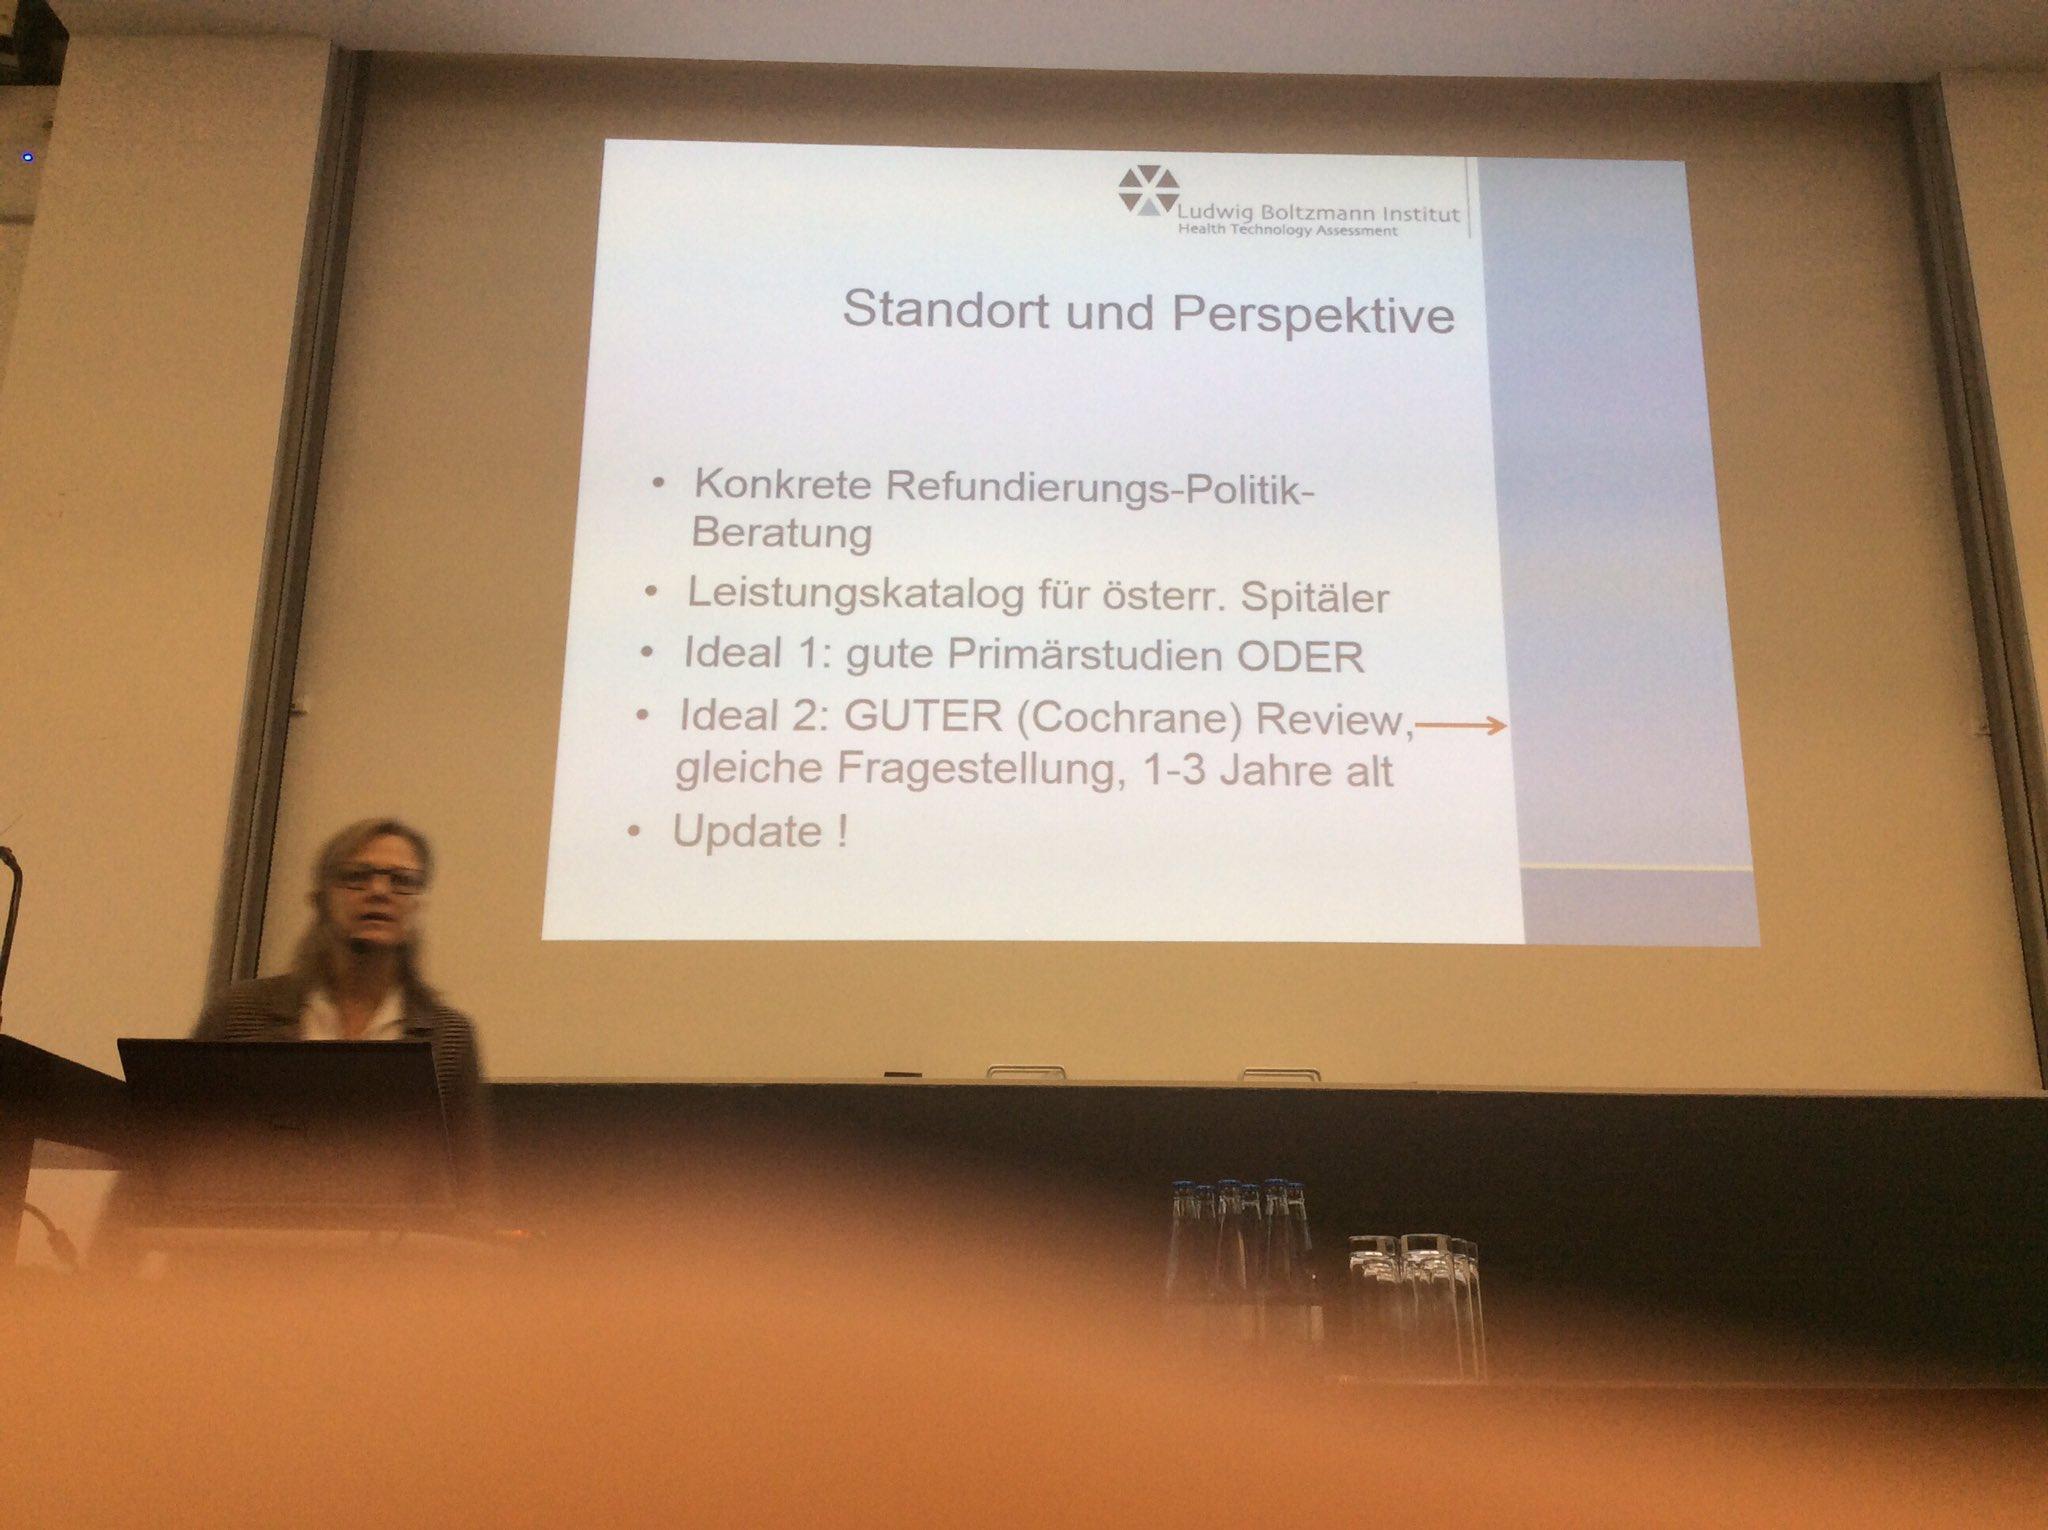 Claudia Wild beim #dnebm17 : Österreich muss beim HTA mit weniger Geld auskommen als Duetschland https://t.co/rgOPYTXI2X